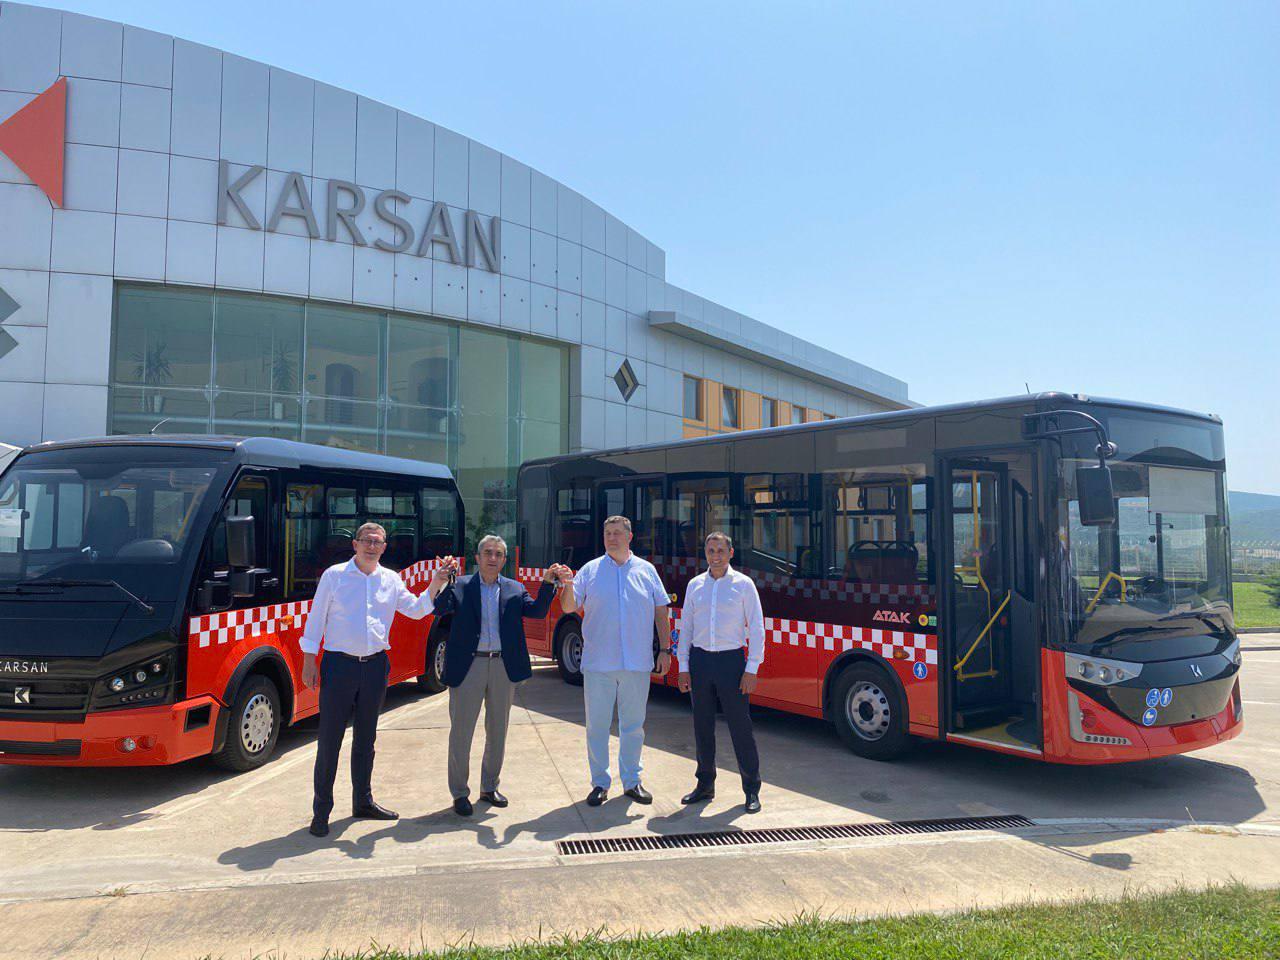 Новости Харькова: Первая партия автобусов Karsan едет в Харьков